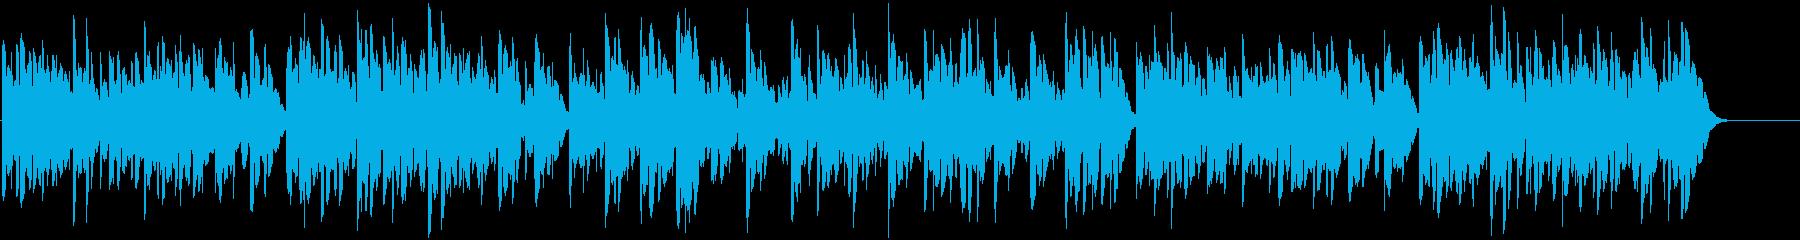 鉄琴の優しいほのぼの系の曲の再生済みの波形